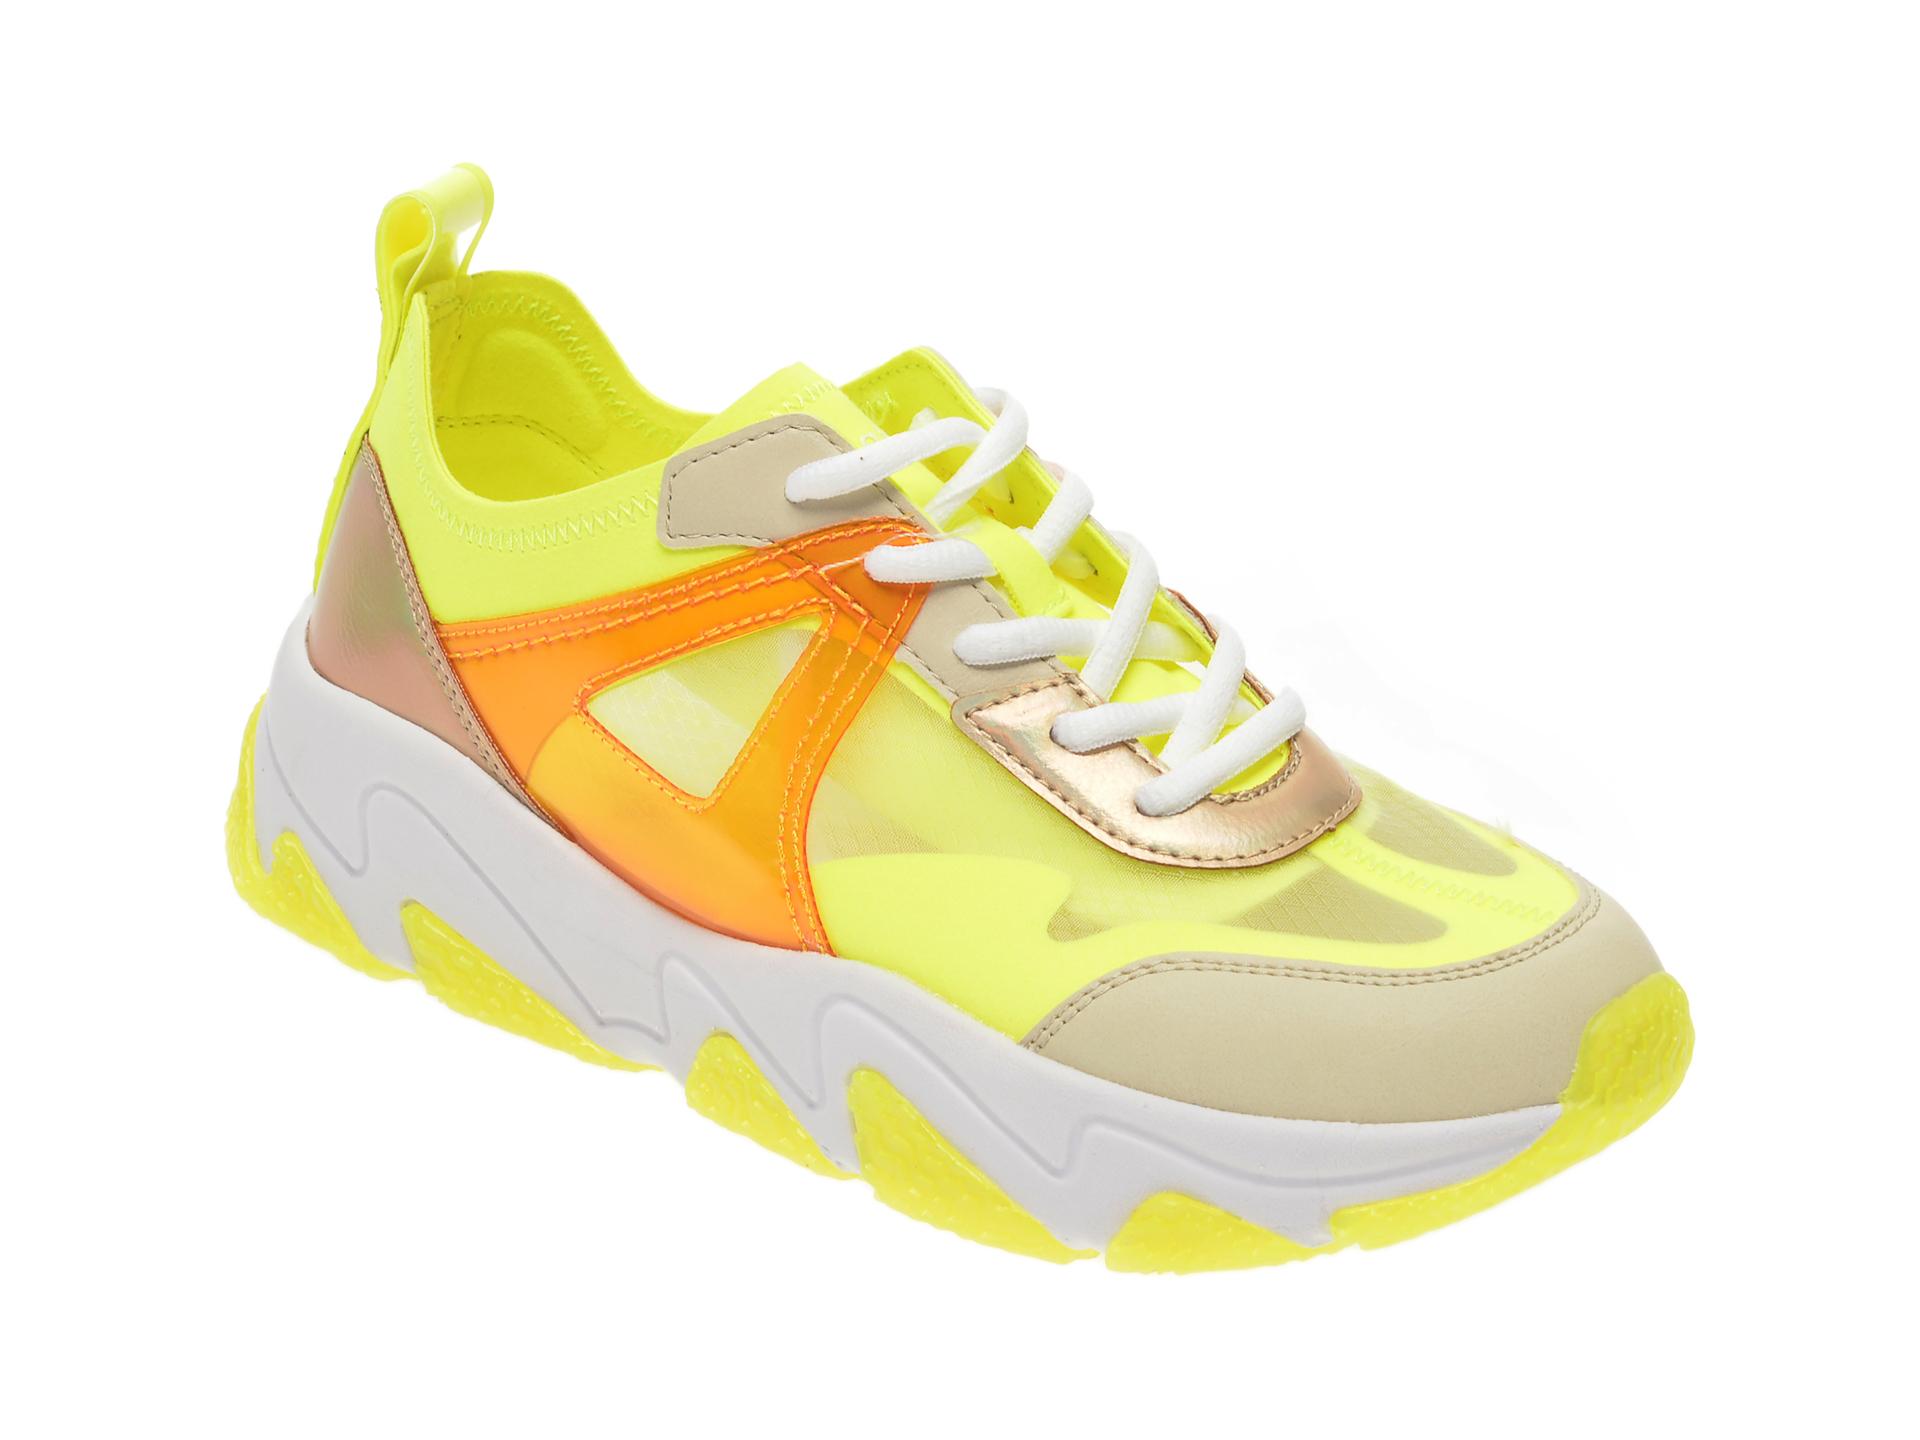 Pantofi sport BUGATTI verzi, 84603, din material textil si piele ecologica